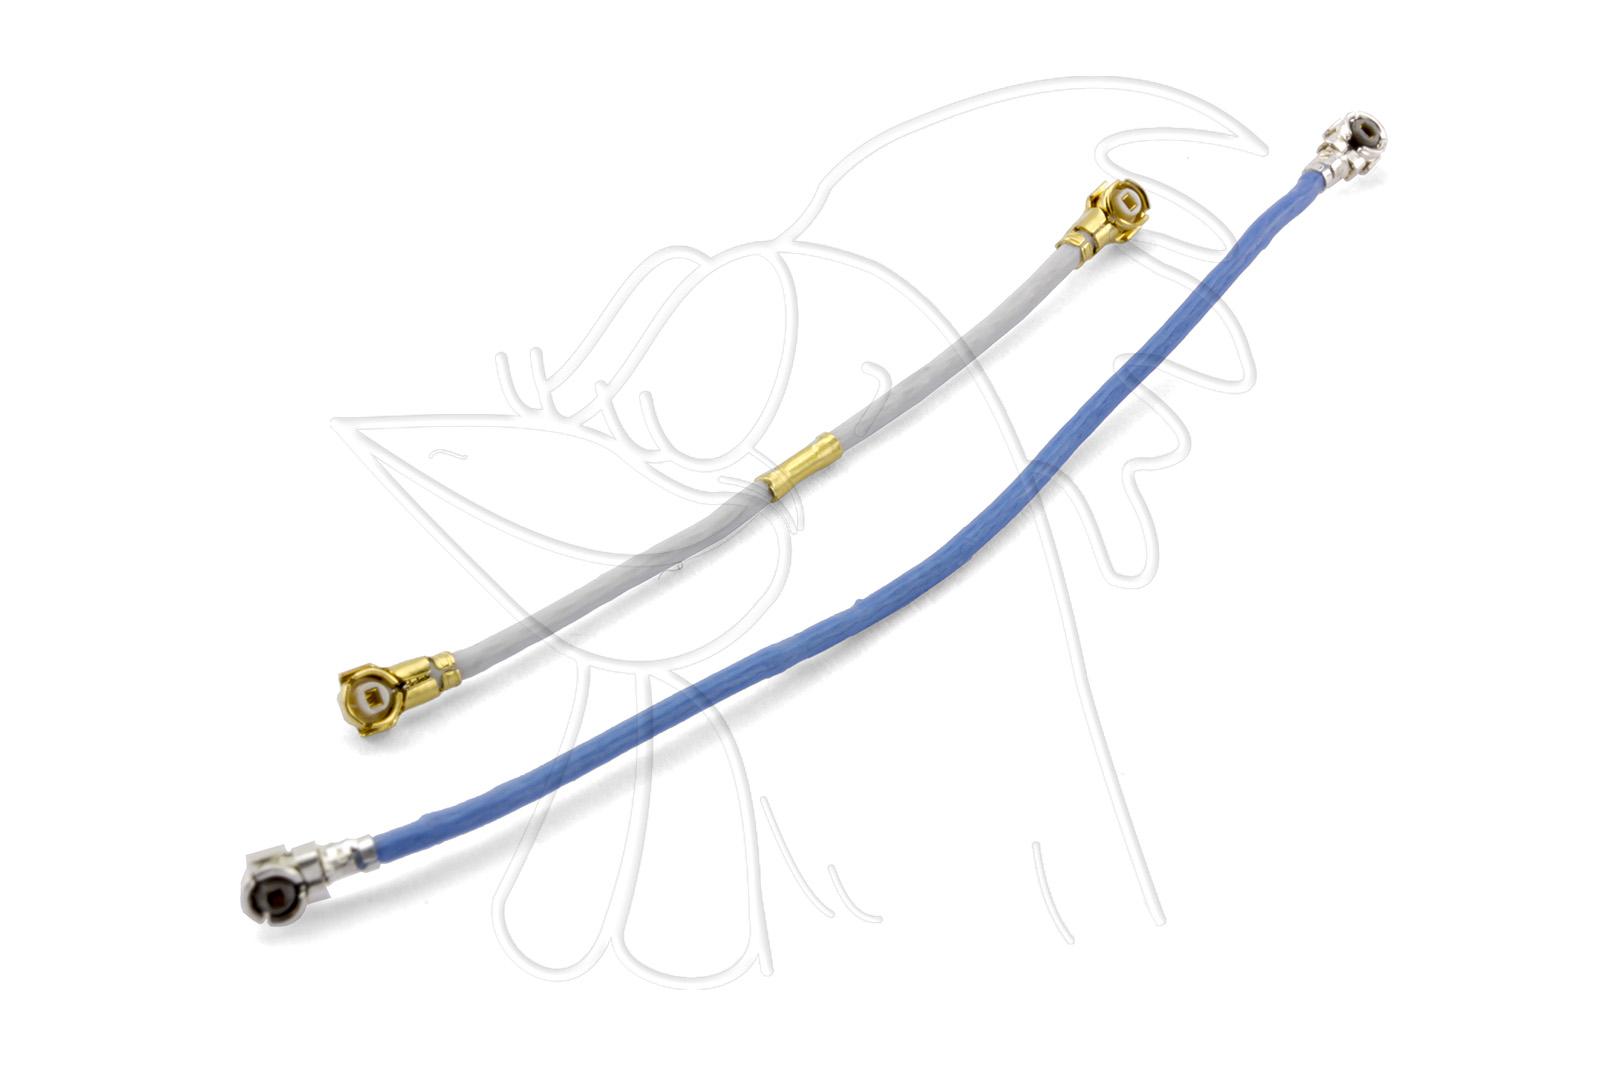 Manuales / Samsung Galaxy NOTE 4 / Cables de antena